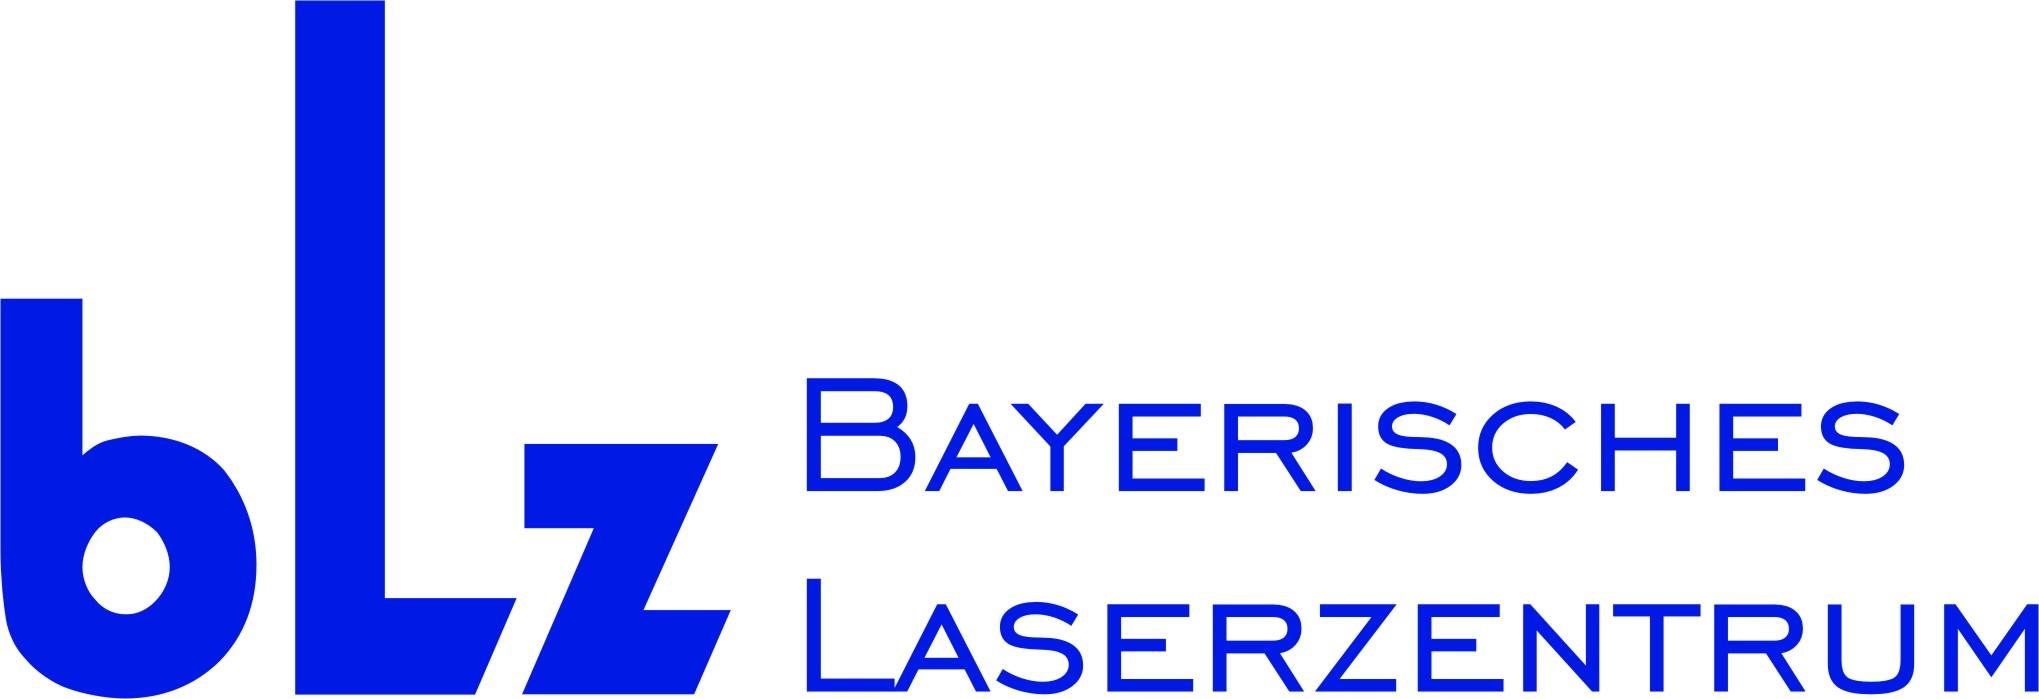 bayerisches laserschutzzentrum